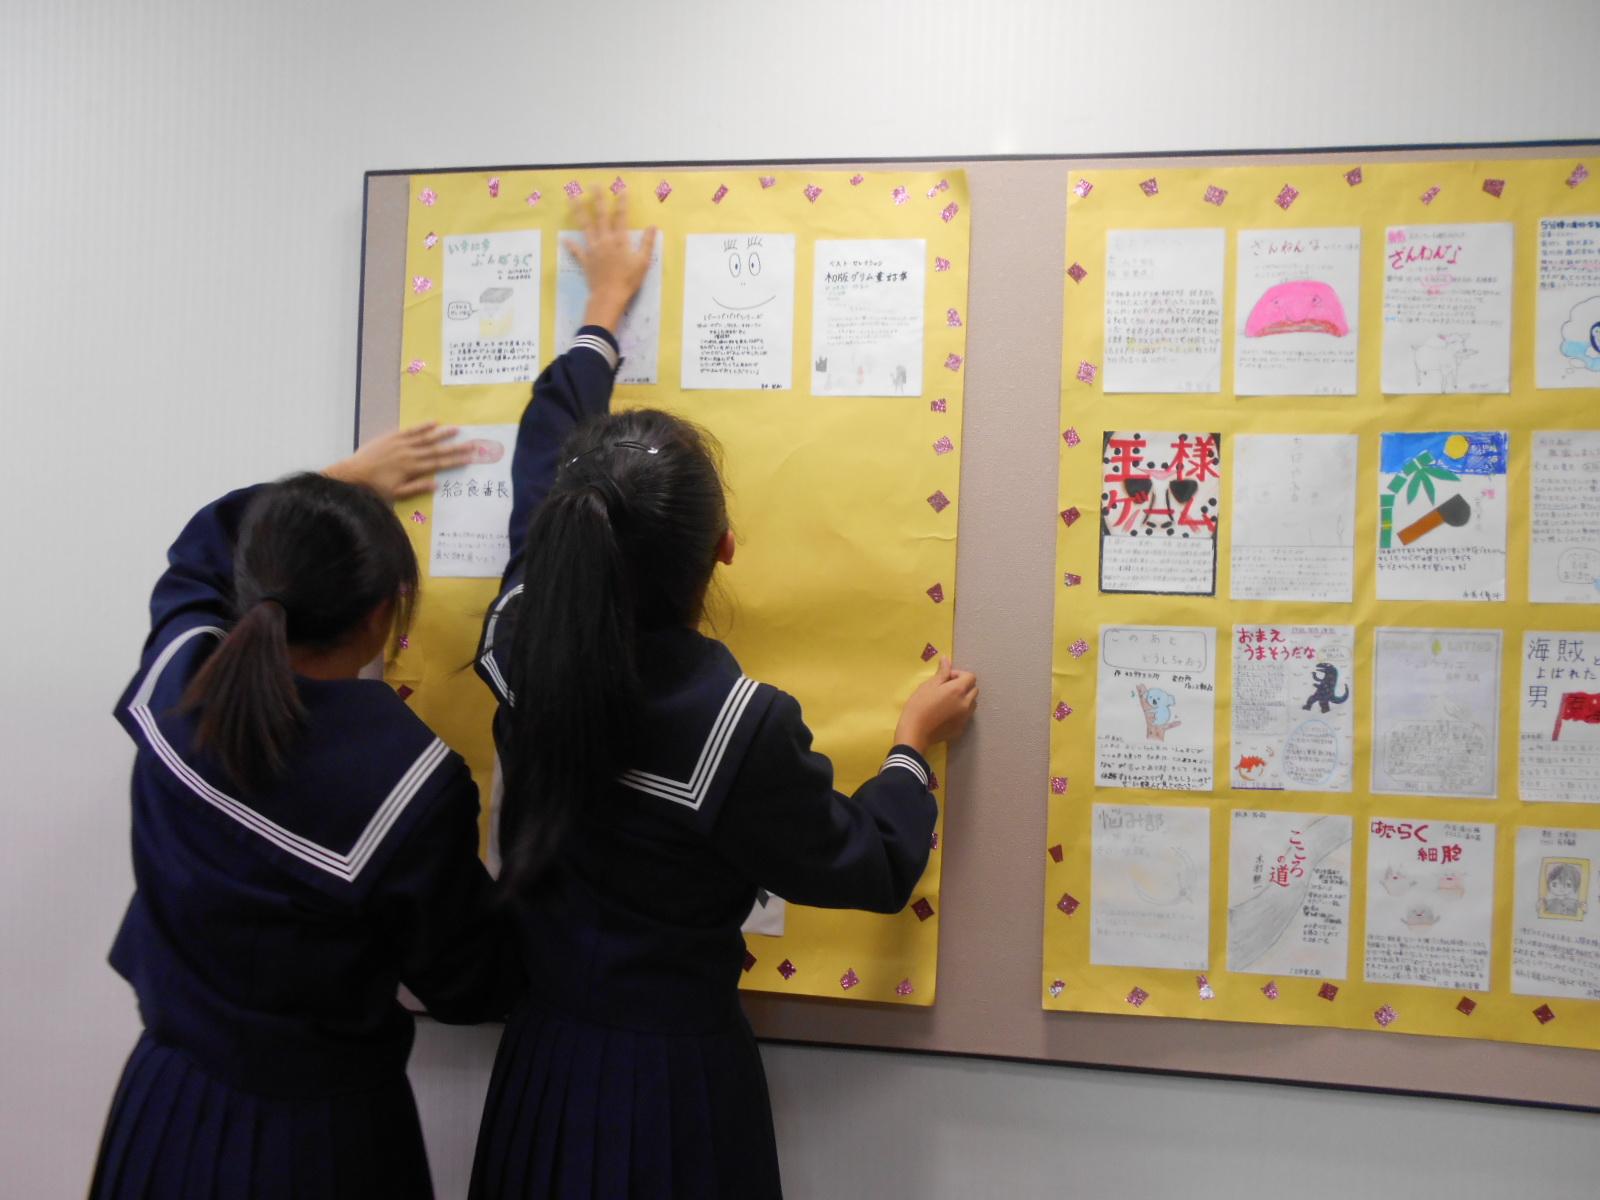 おすすめの本を紹介する展示を掲示するイメージ写真(平川中令和元年度)